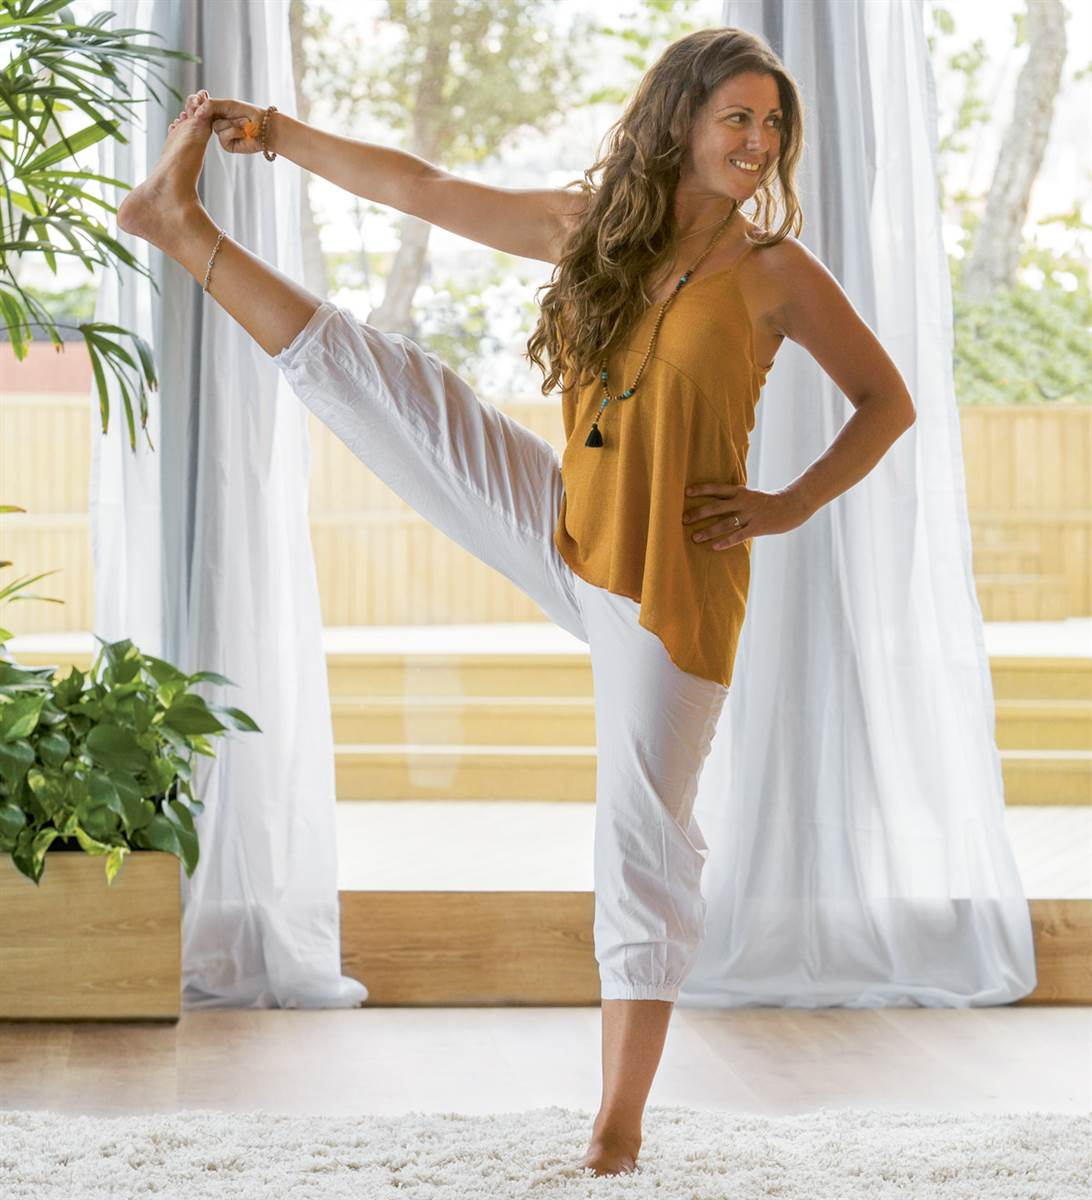 5 asanas de yoga para ganar equilibrio físico y mental 39679bf37f42